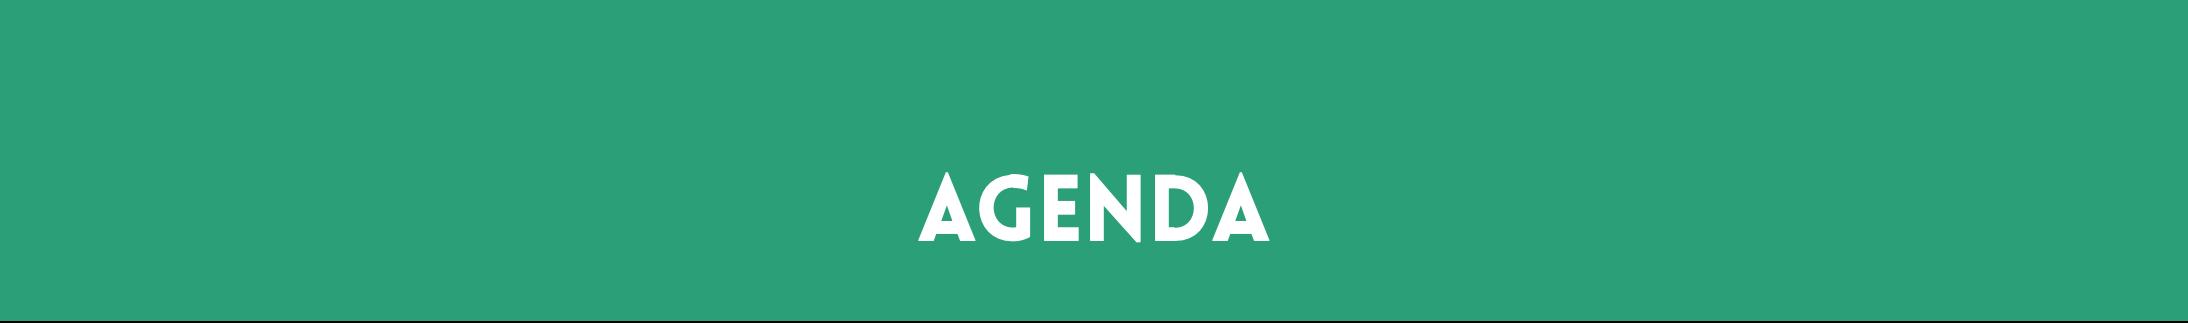 banner-agenda-de-kwekerij